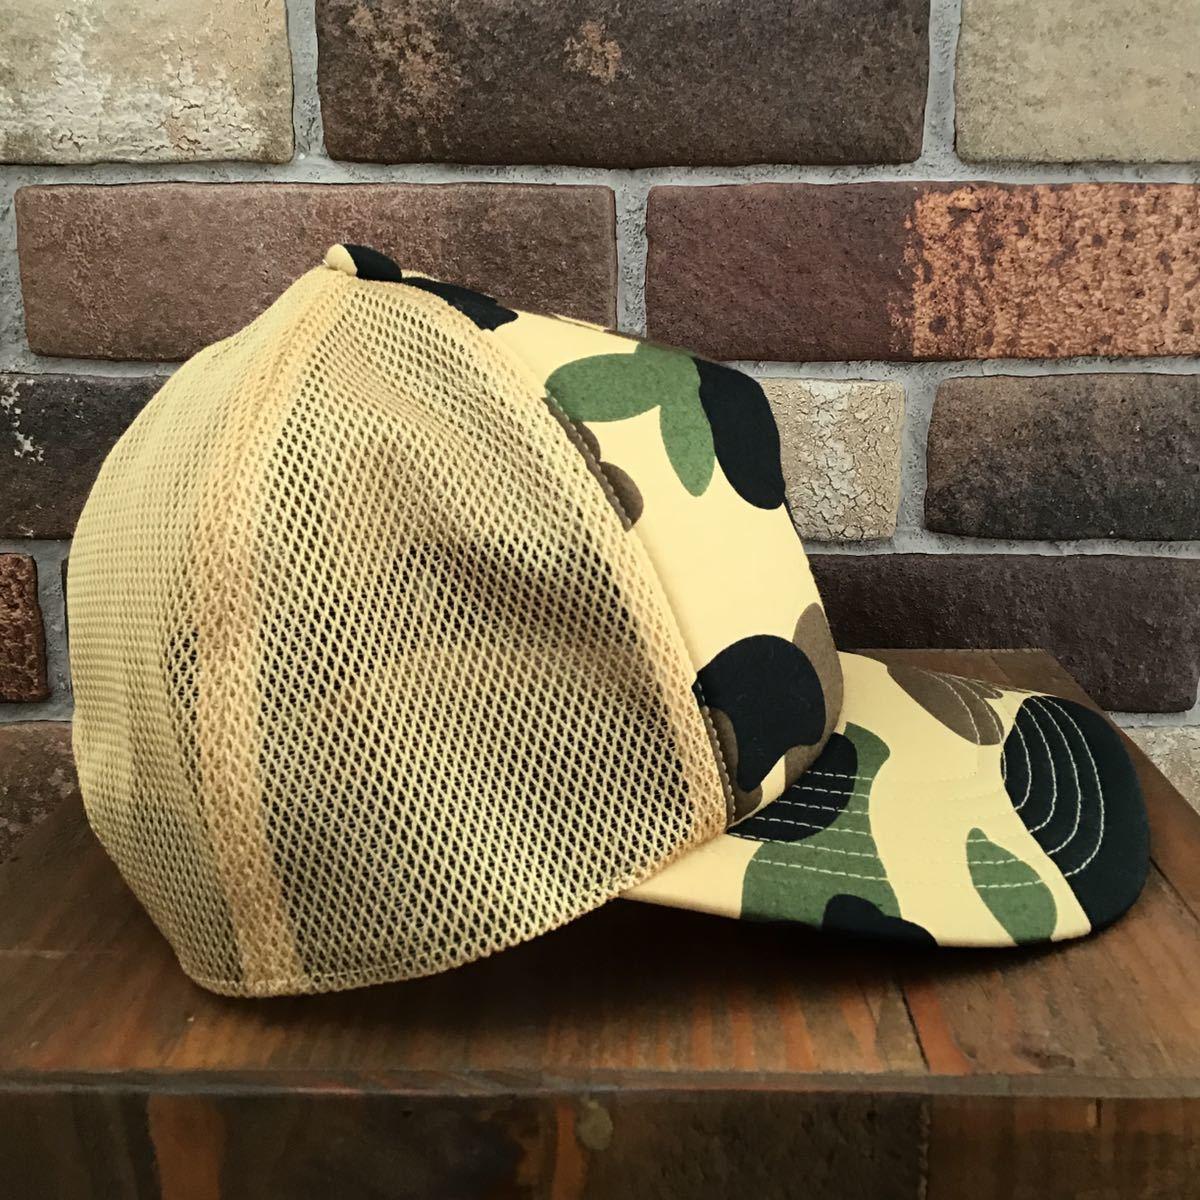 ★新品★ BAPE × stussy 30周年記念 1st camo trucker hat a bathing ape エイプ ベイプ ステューシー logo 30th cap キャップ 帽子 2124